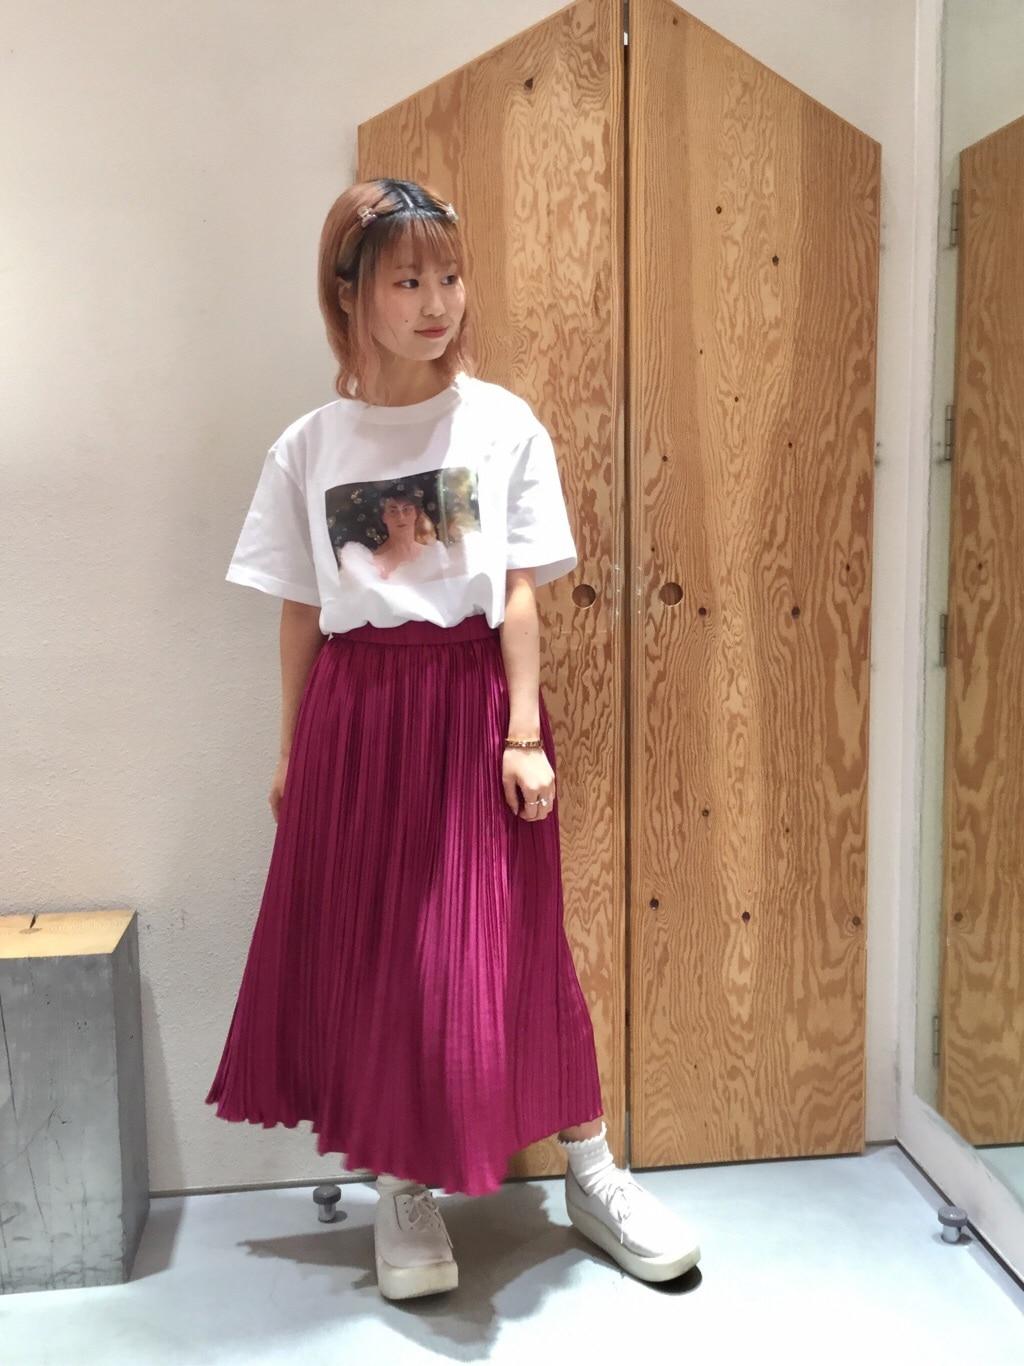 l'atelier du savon グランフロント大阪 身長:157cm 2019.07.16